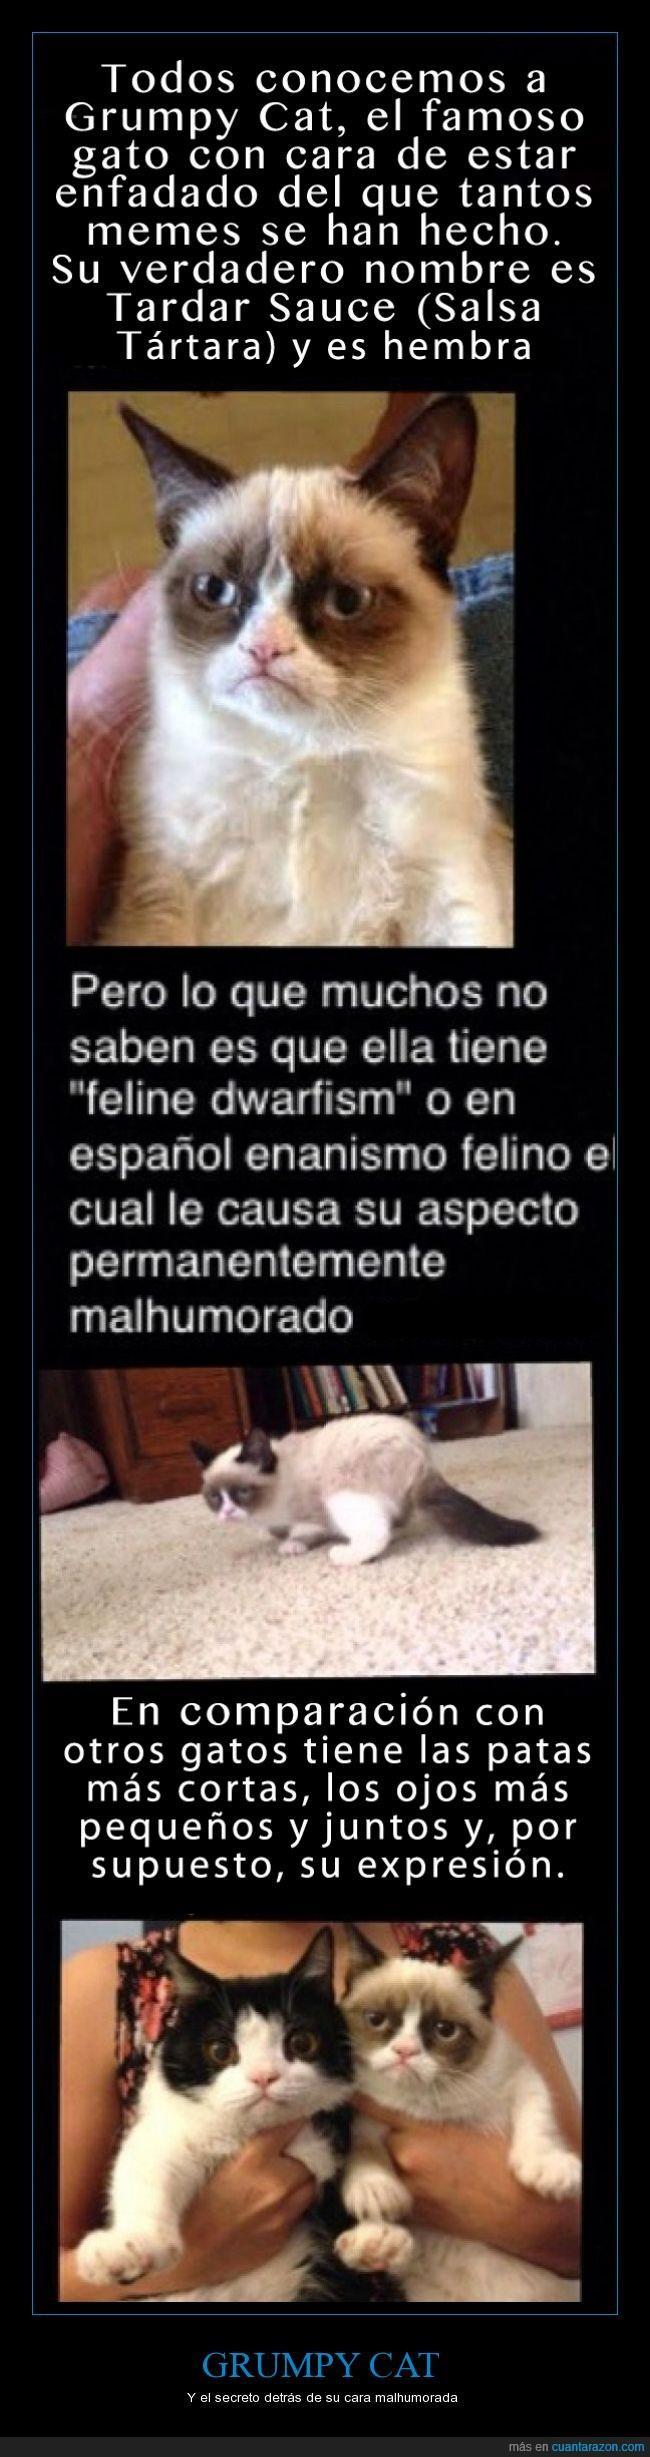 cara,enanismo,Gato,grumpy cat,malhumor